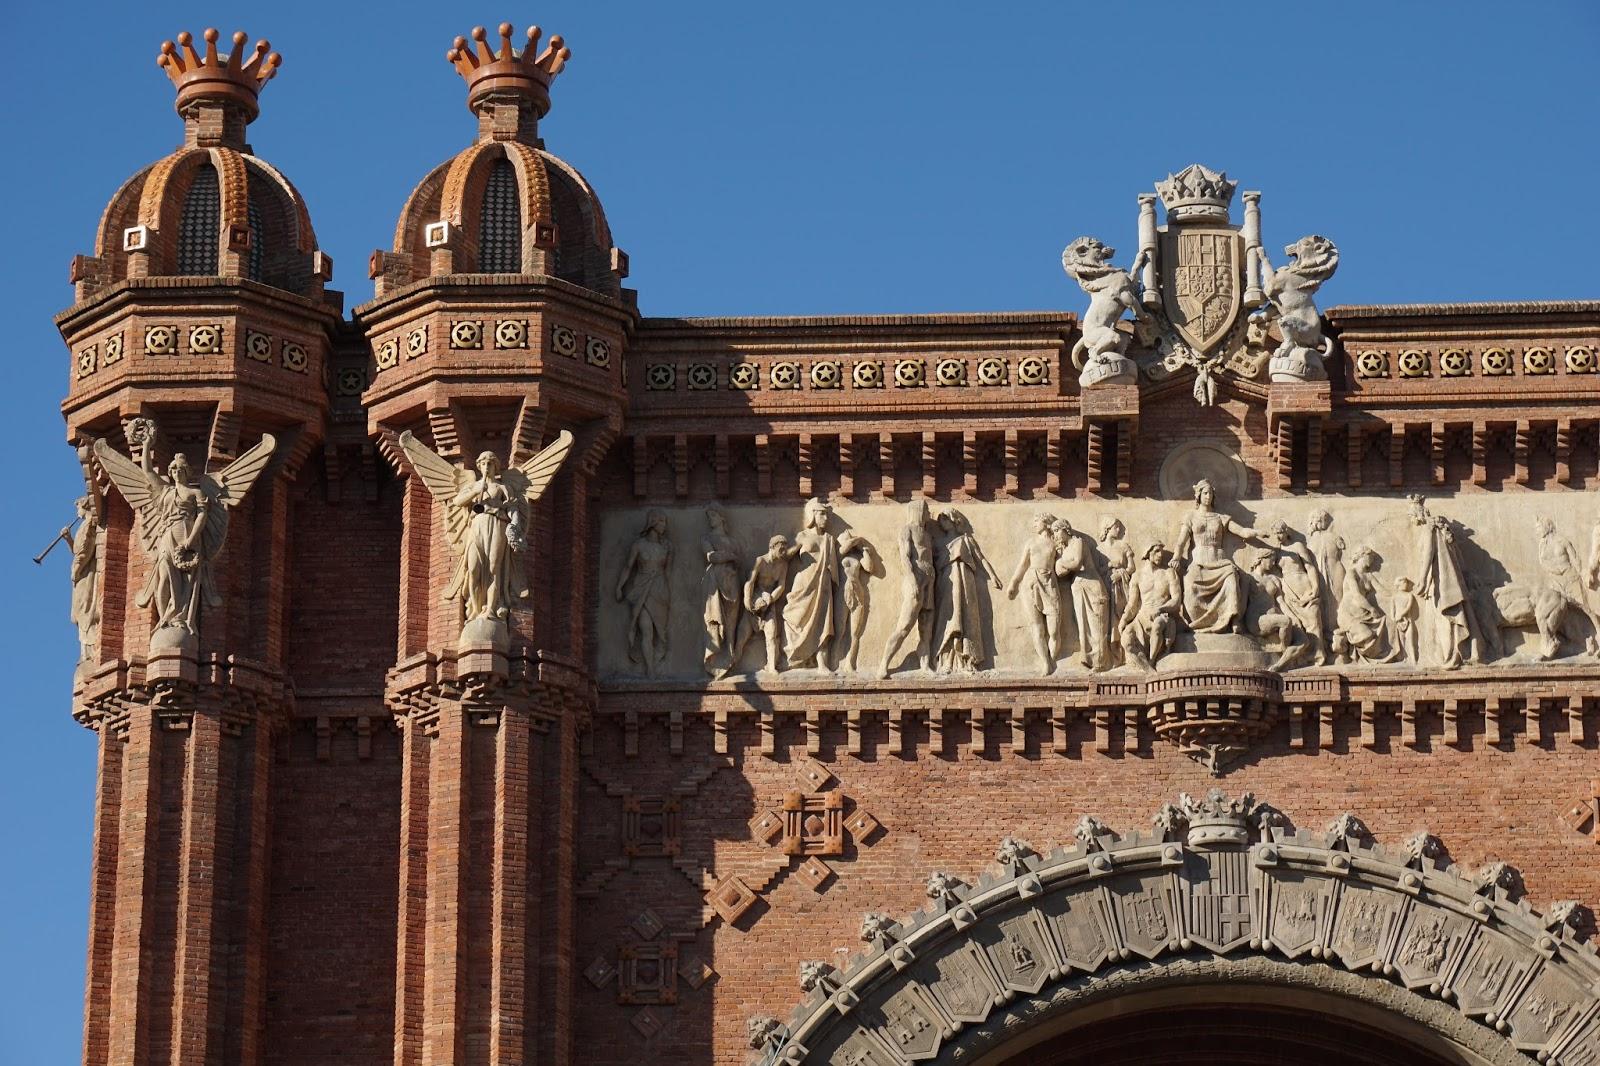 凱旋門(Arc de Triunf)